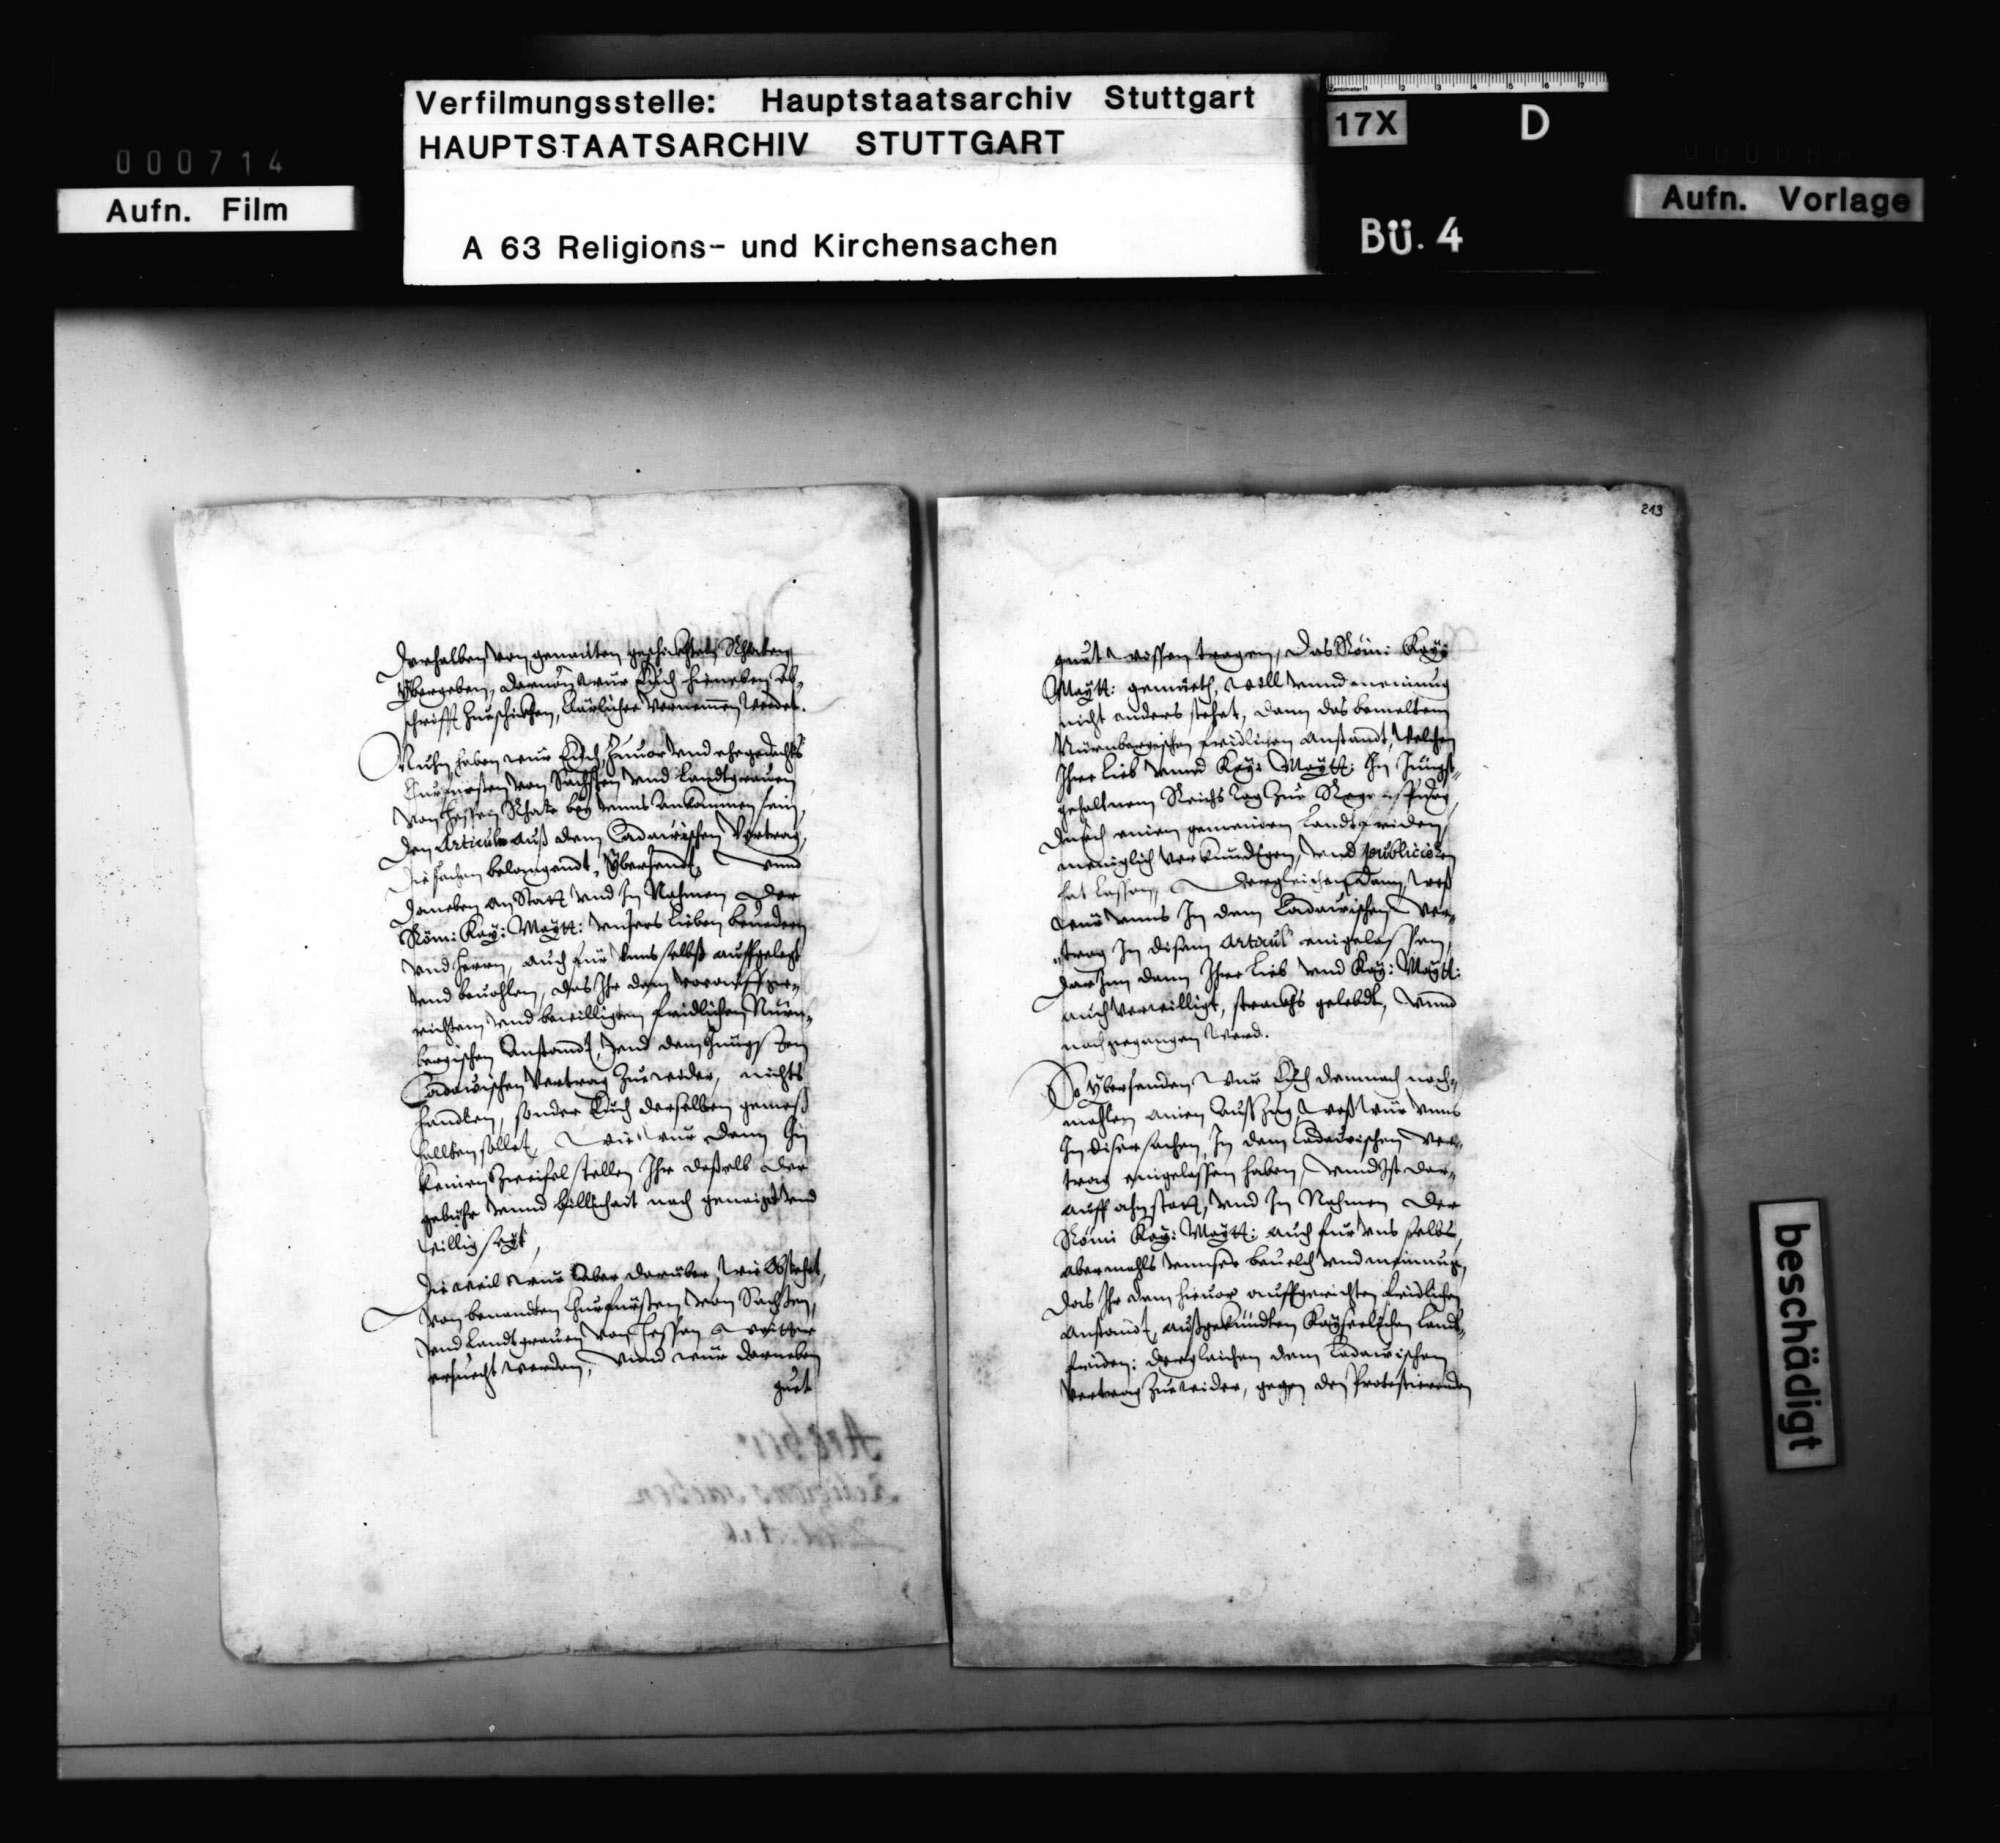 Herzog Ulrichs Vokationsschreiben an Dr. Paul Phrygius, das Evangelium in Tübingen zu lehren., Bild 1